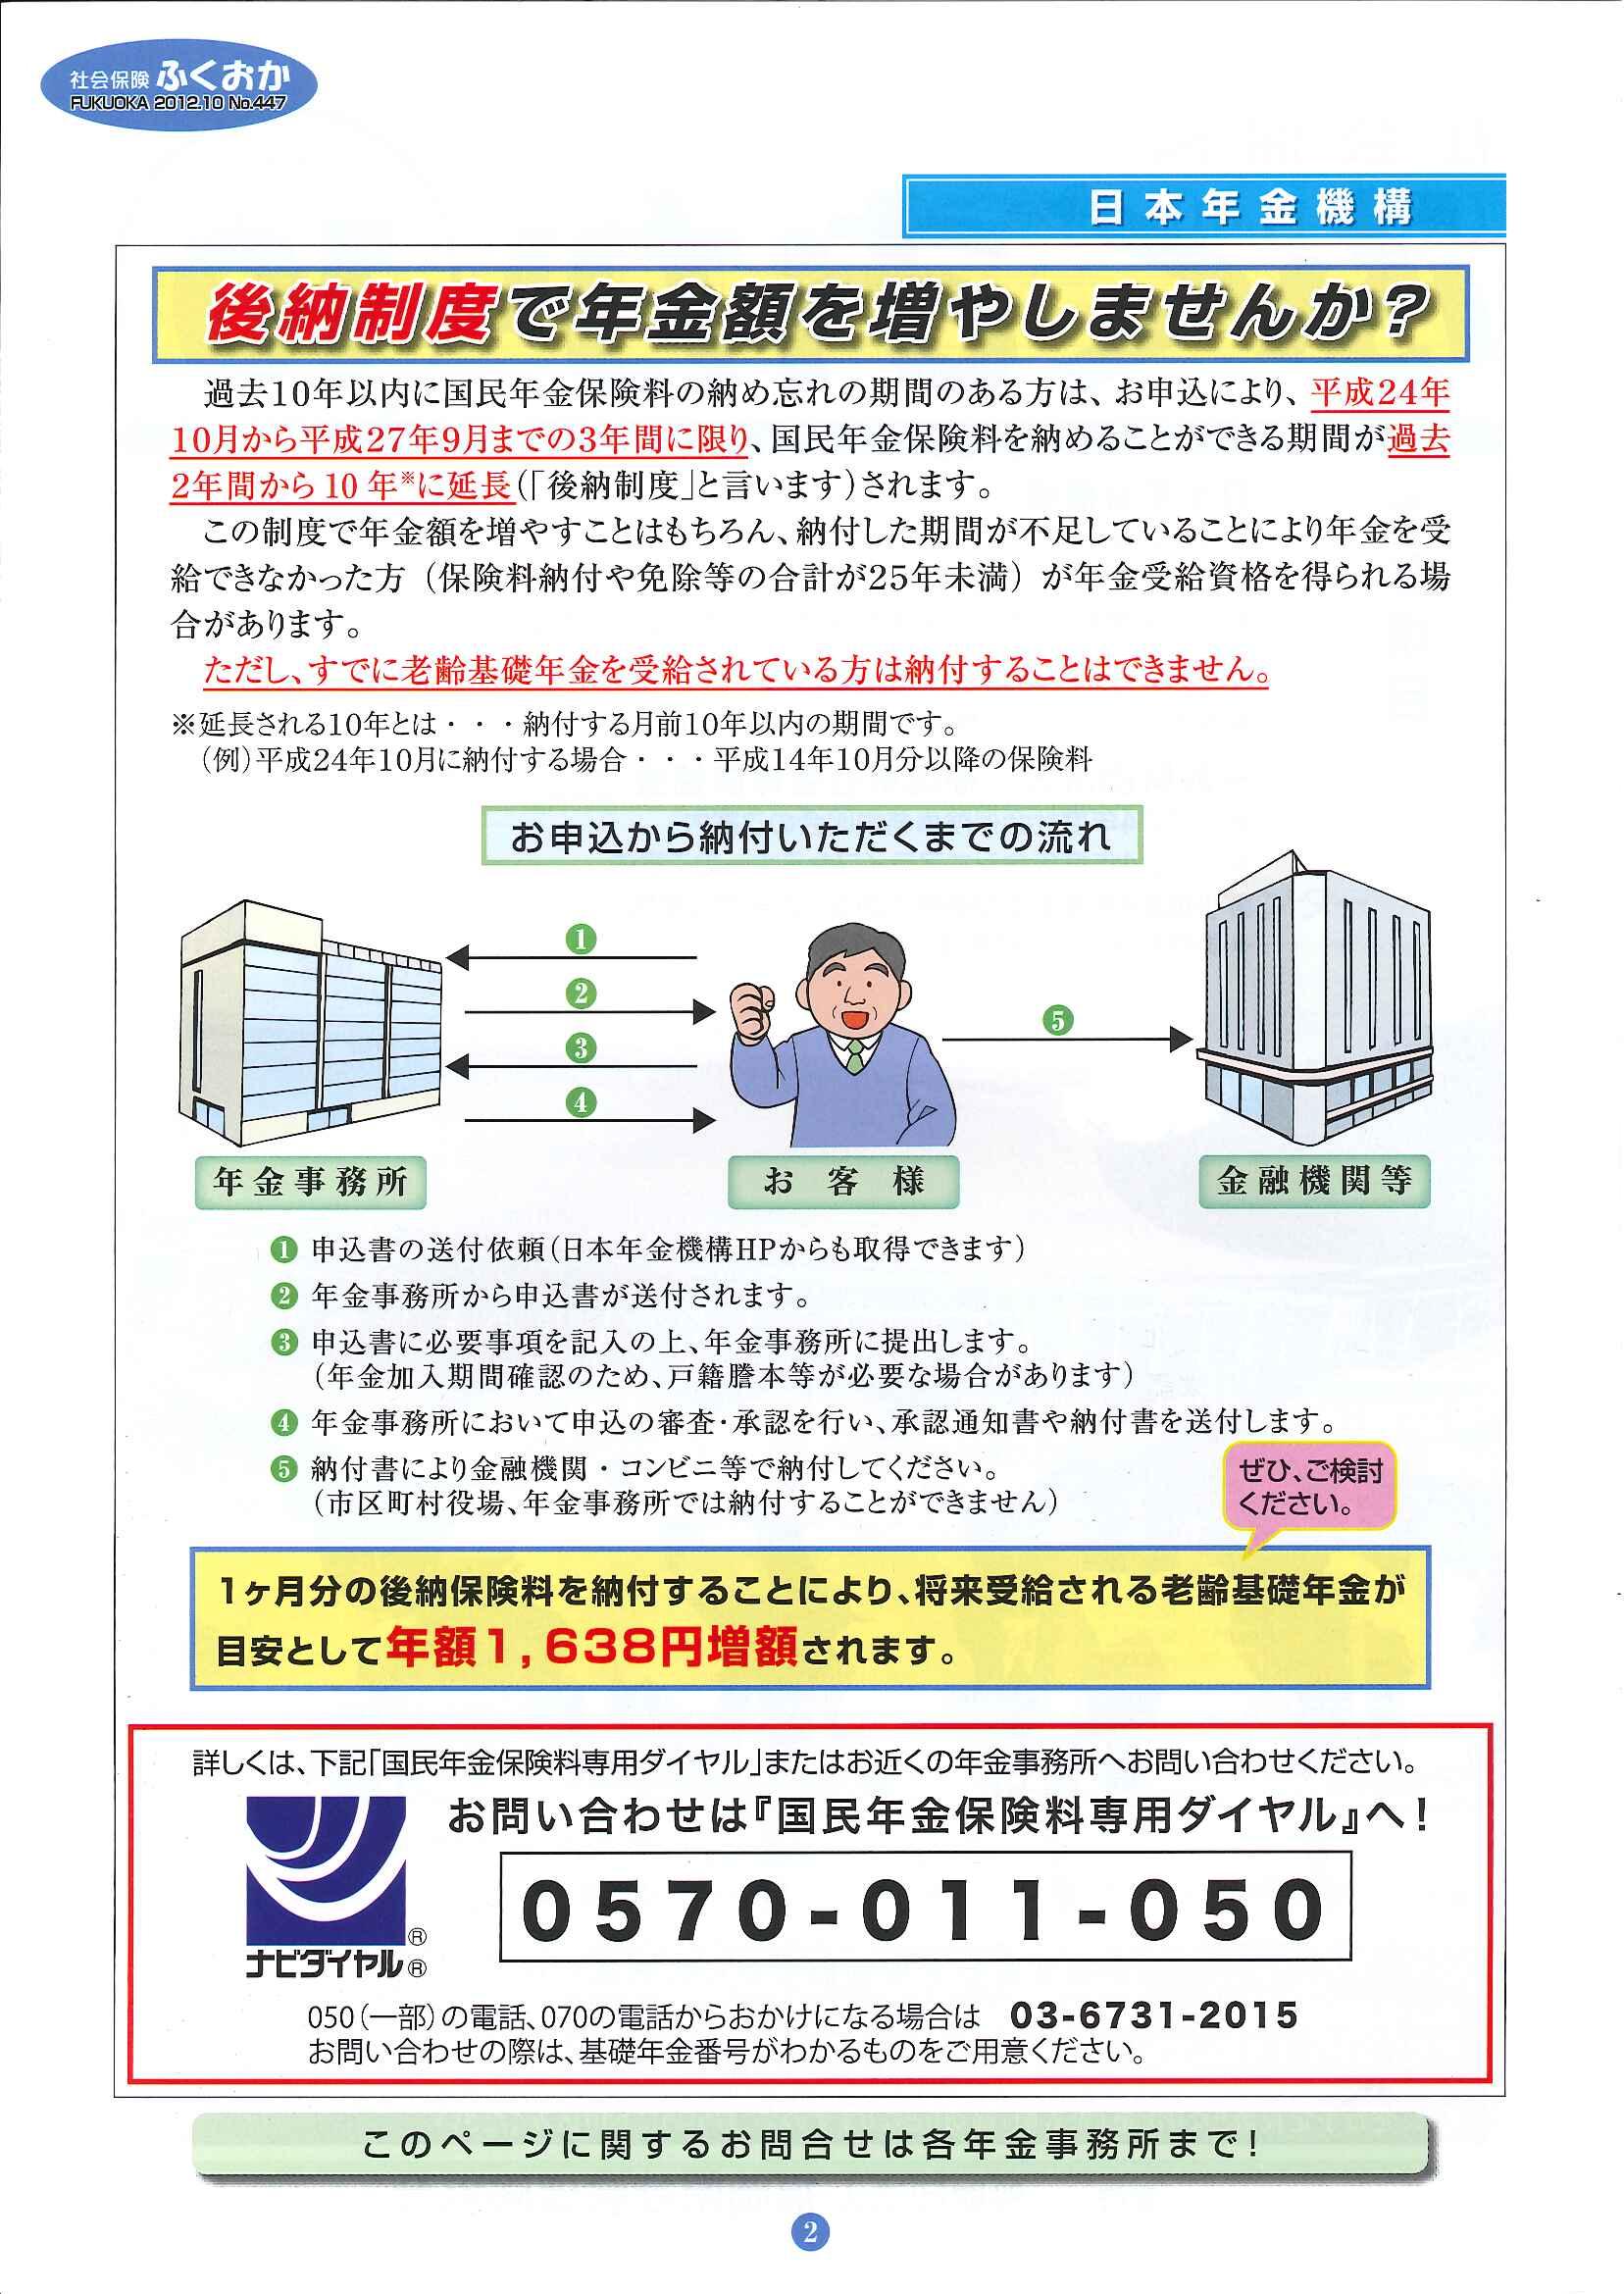 社会保険 ふくおか 2012 10月号_f0120774_13504183.jpg